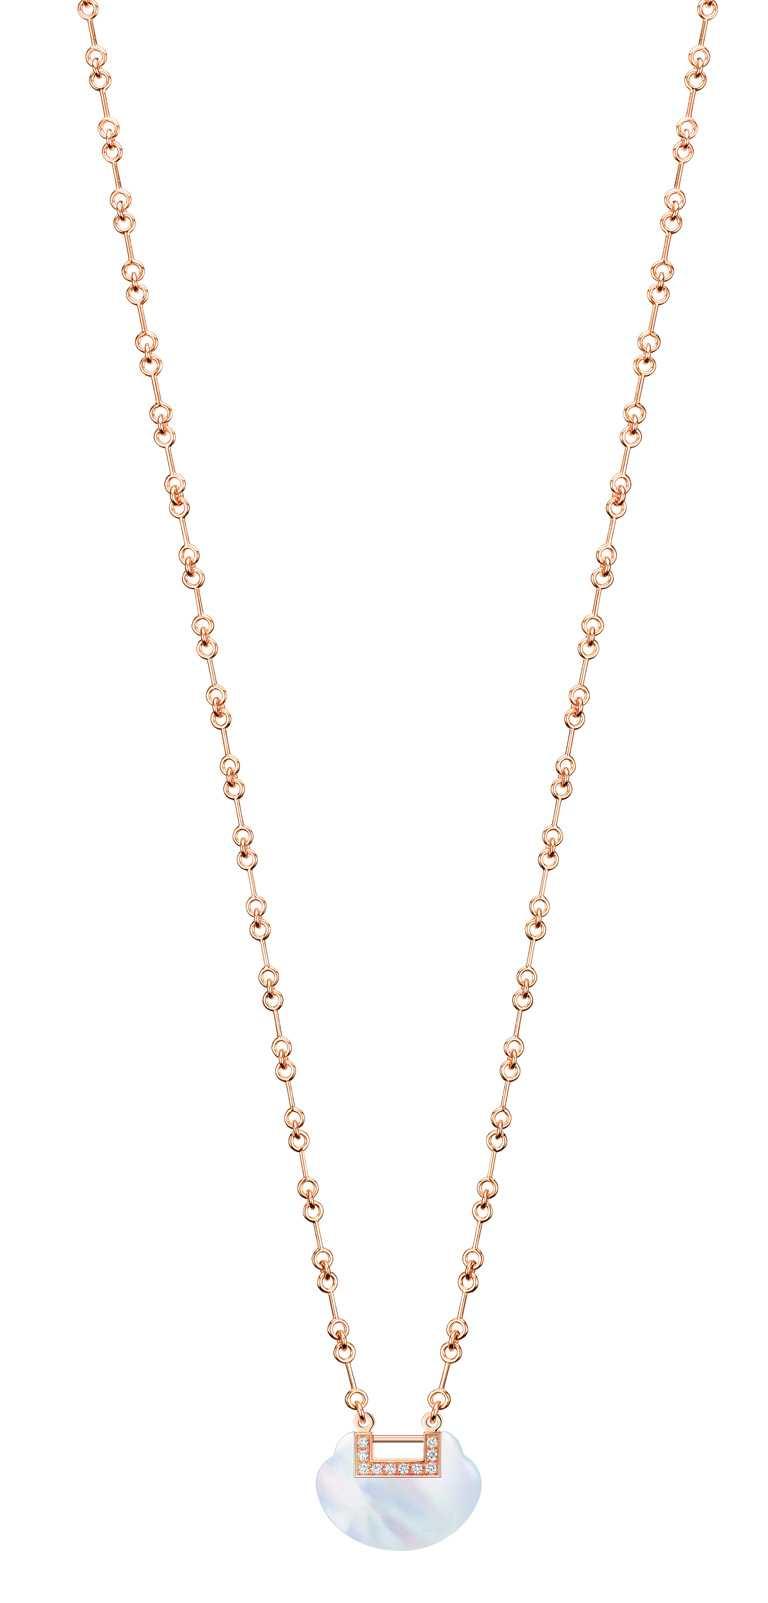 Qeelin「Yu Yi系列」18K玫瑰金鑲鑽珍珠母貝中型項鍊╱156,000元。(圖╱Qeelin提供)